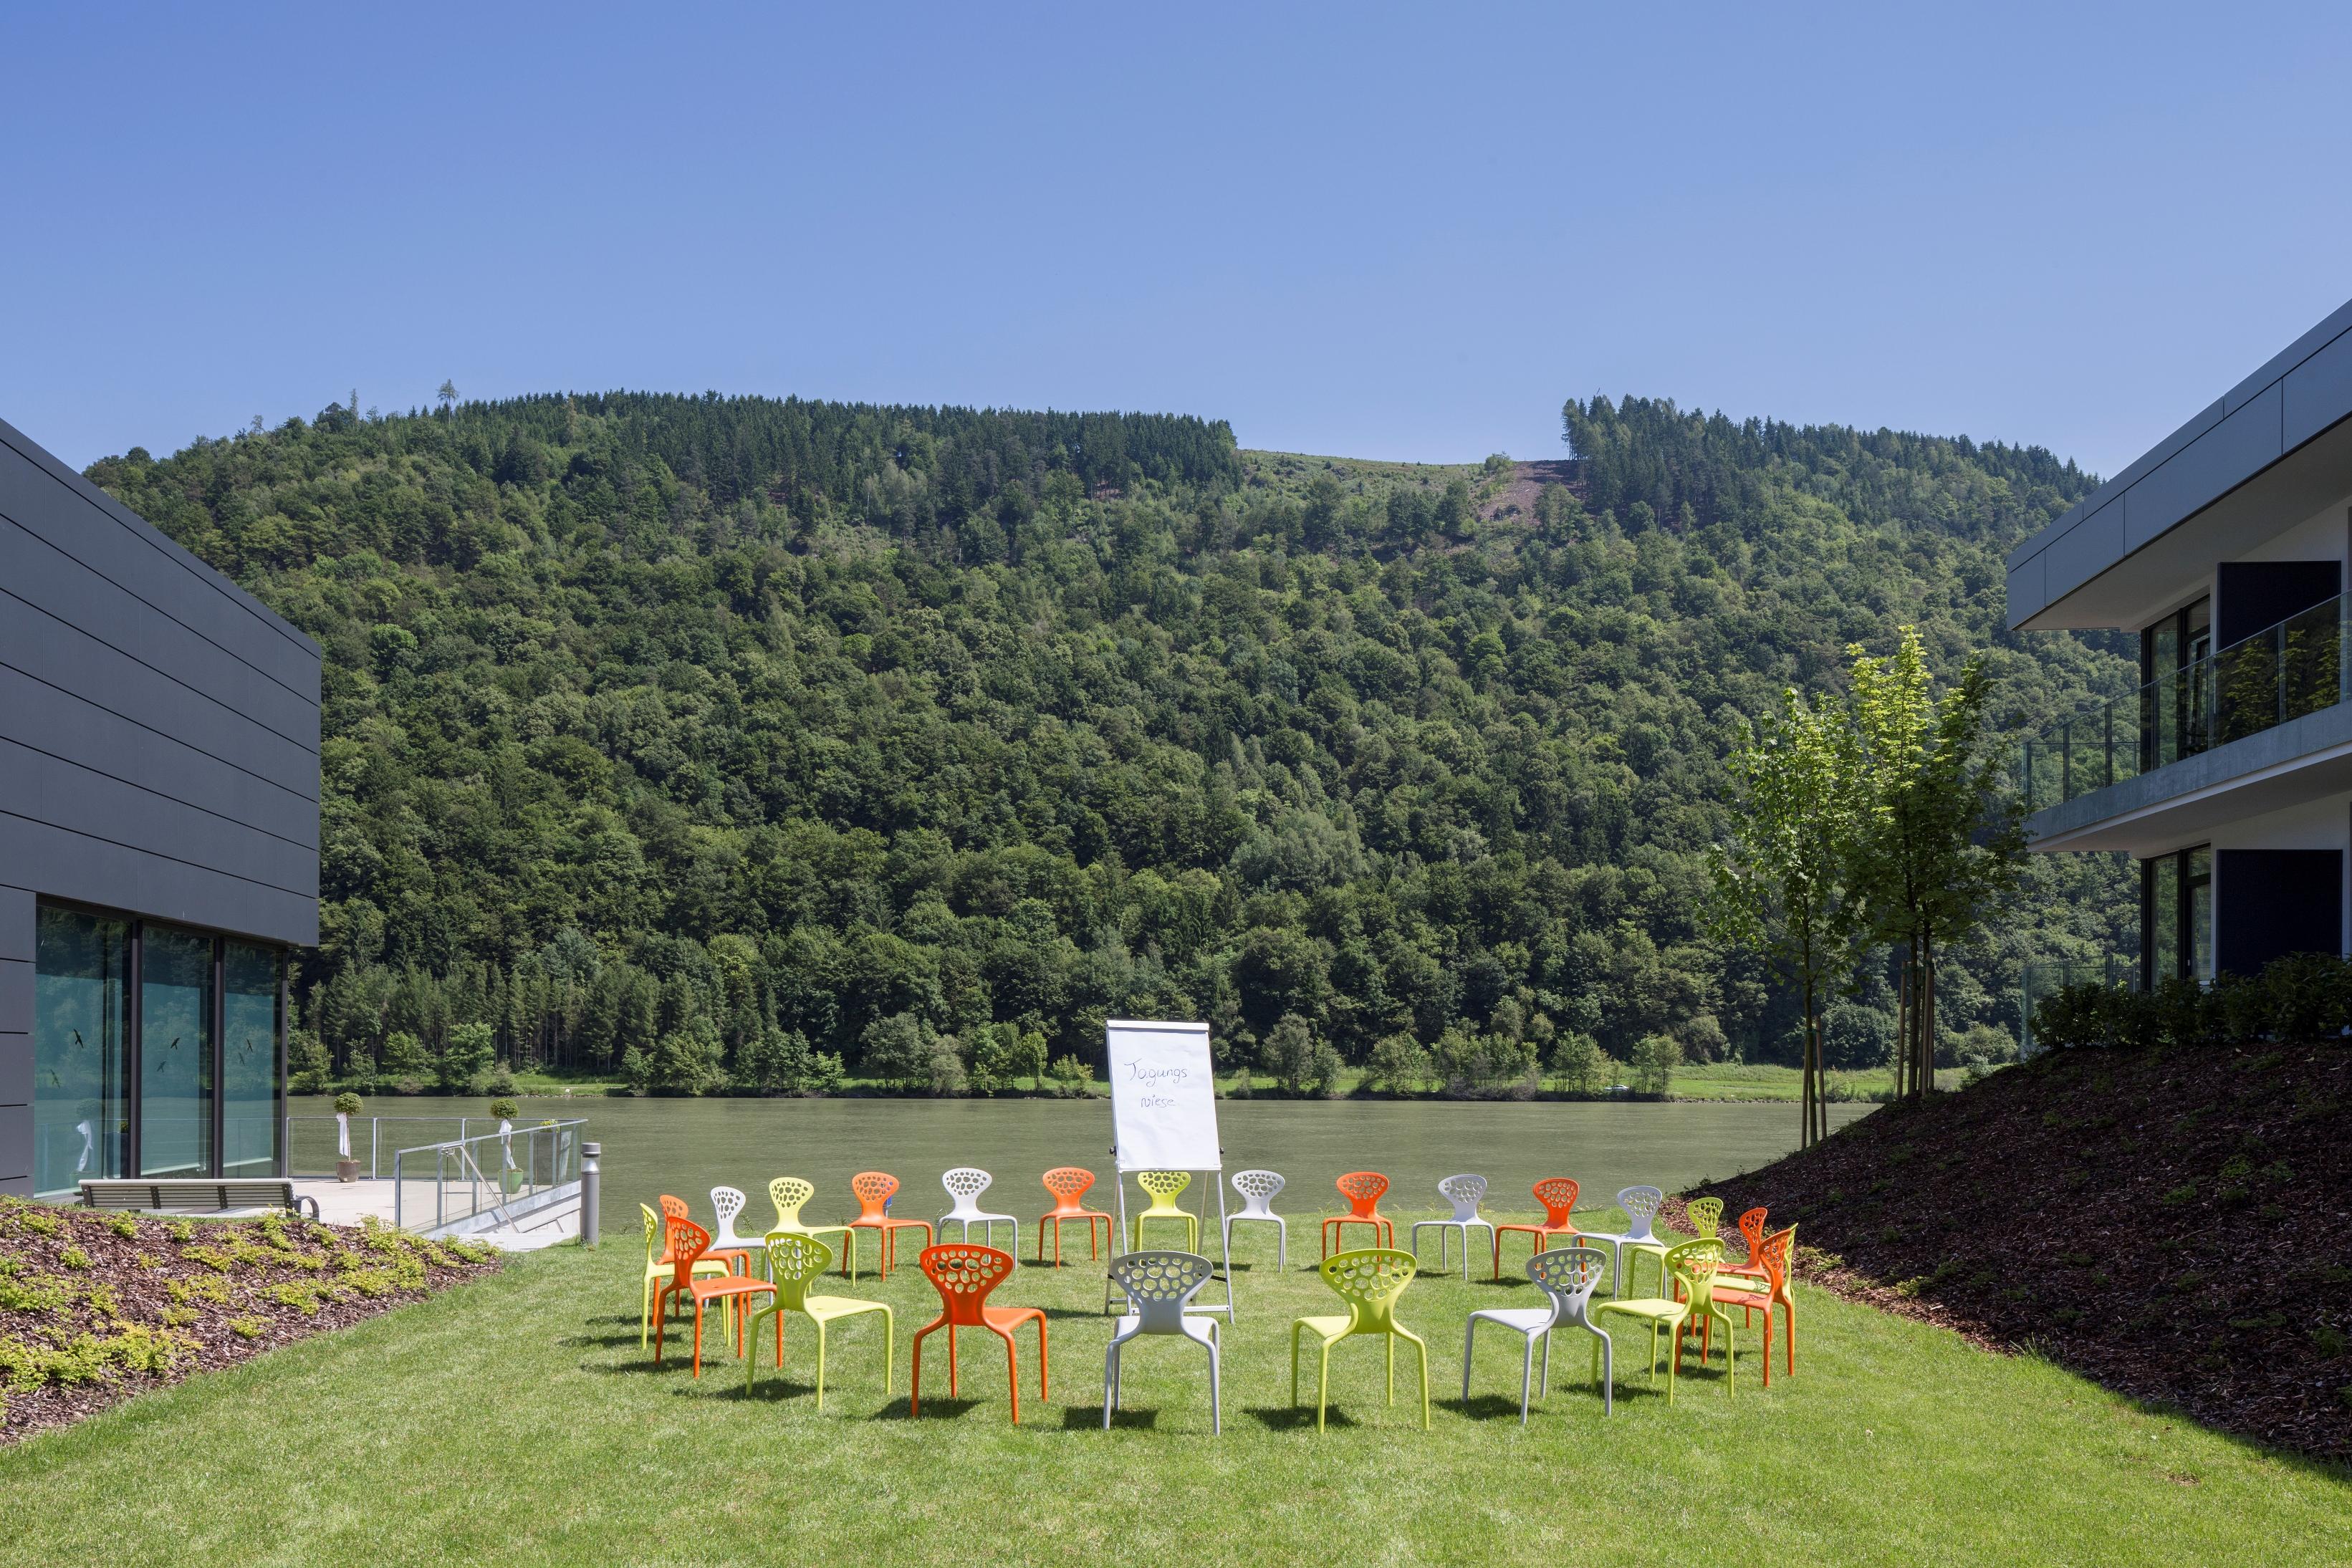 Wesenufer Hotel & Seminarkultur an der Donau - pro mente OÖ-Die Lage im Grünen bietet zahlreiche Outdoormöglichkeiten und Plätze zum Arbeiten in der Natur - z.B. auf unserer